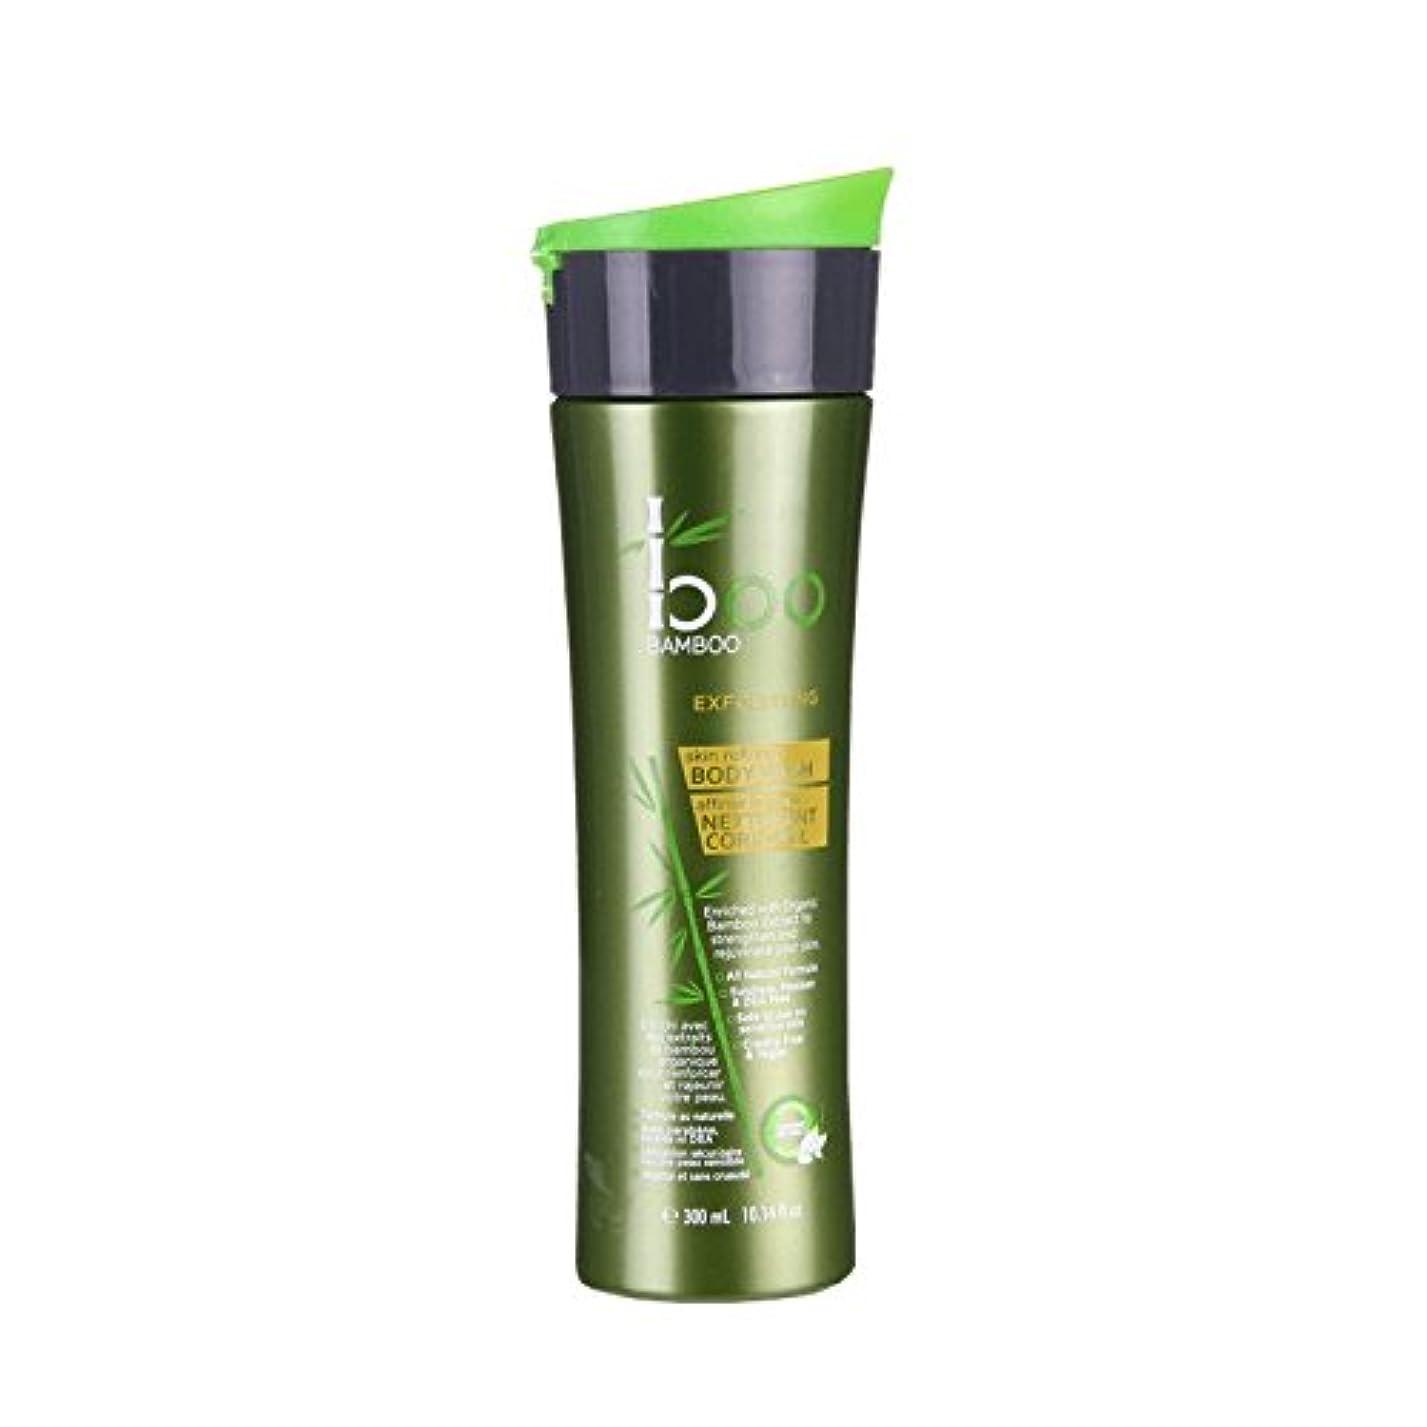 竹ピーリングボディウォッシュ300ミリリットルブーイング - Boo Bamboo Exfoliating Body Wash 300ml (Boo Bamboo) [並行輸入品]